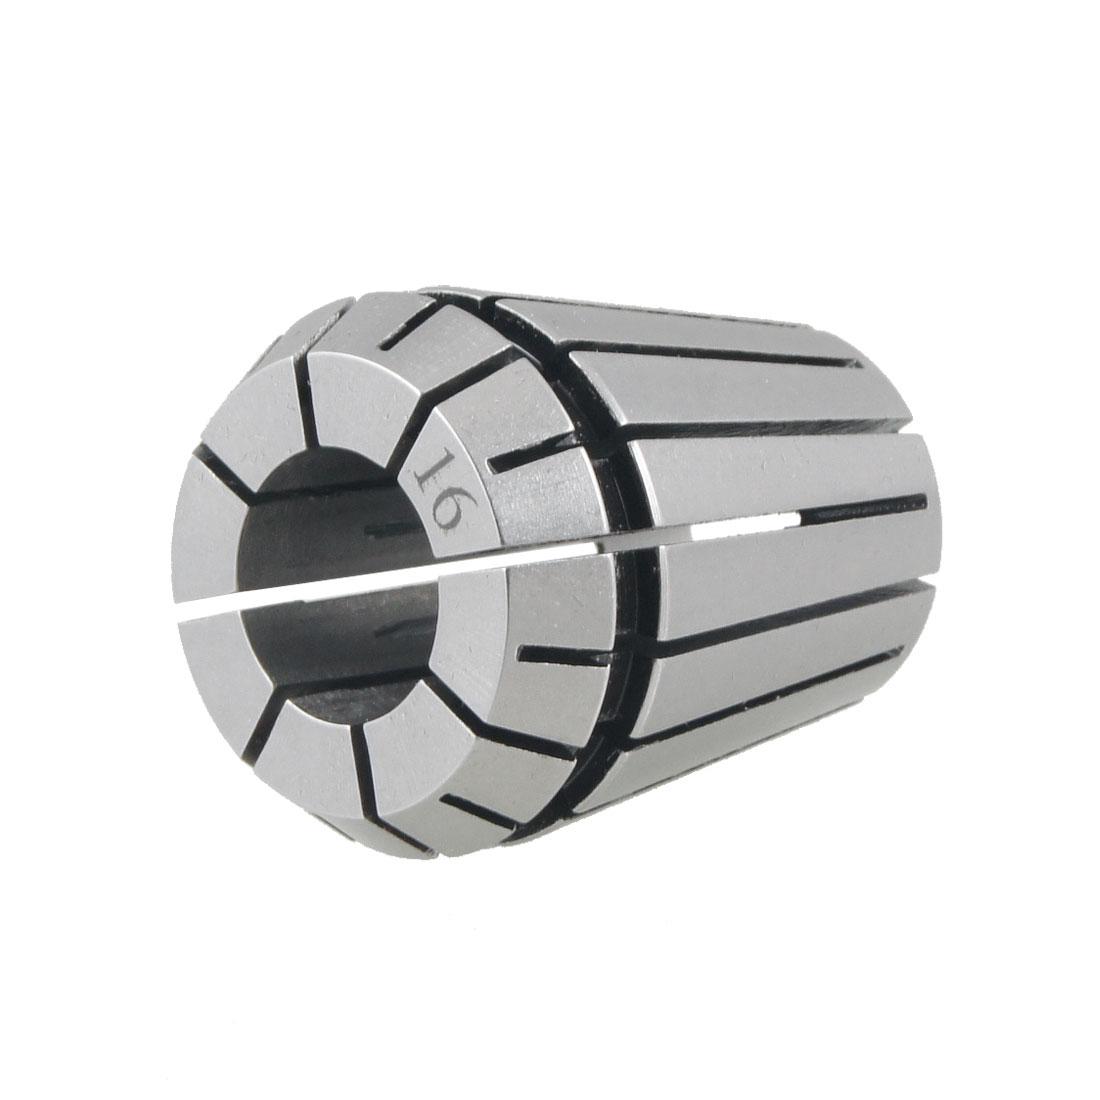 ER32 ER-32 16mm 5/8 Inch Stainless Steel CNC Milling Spring Collet